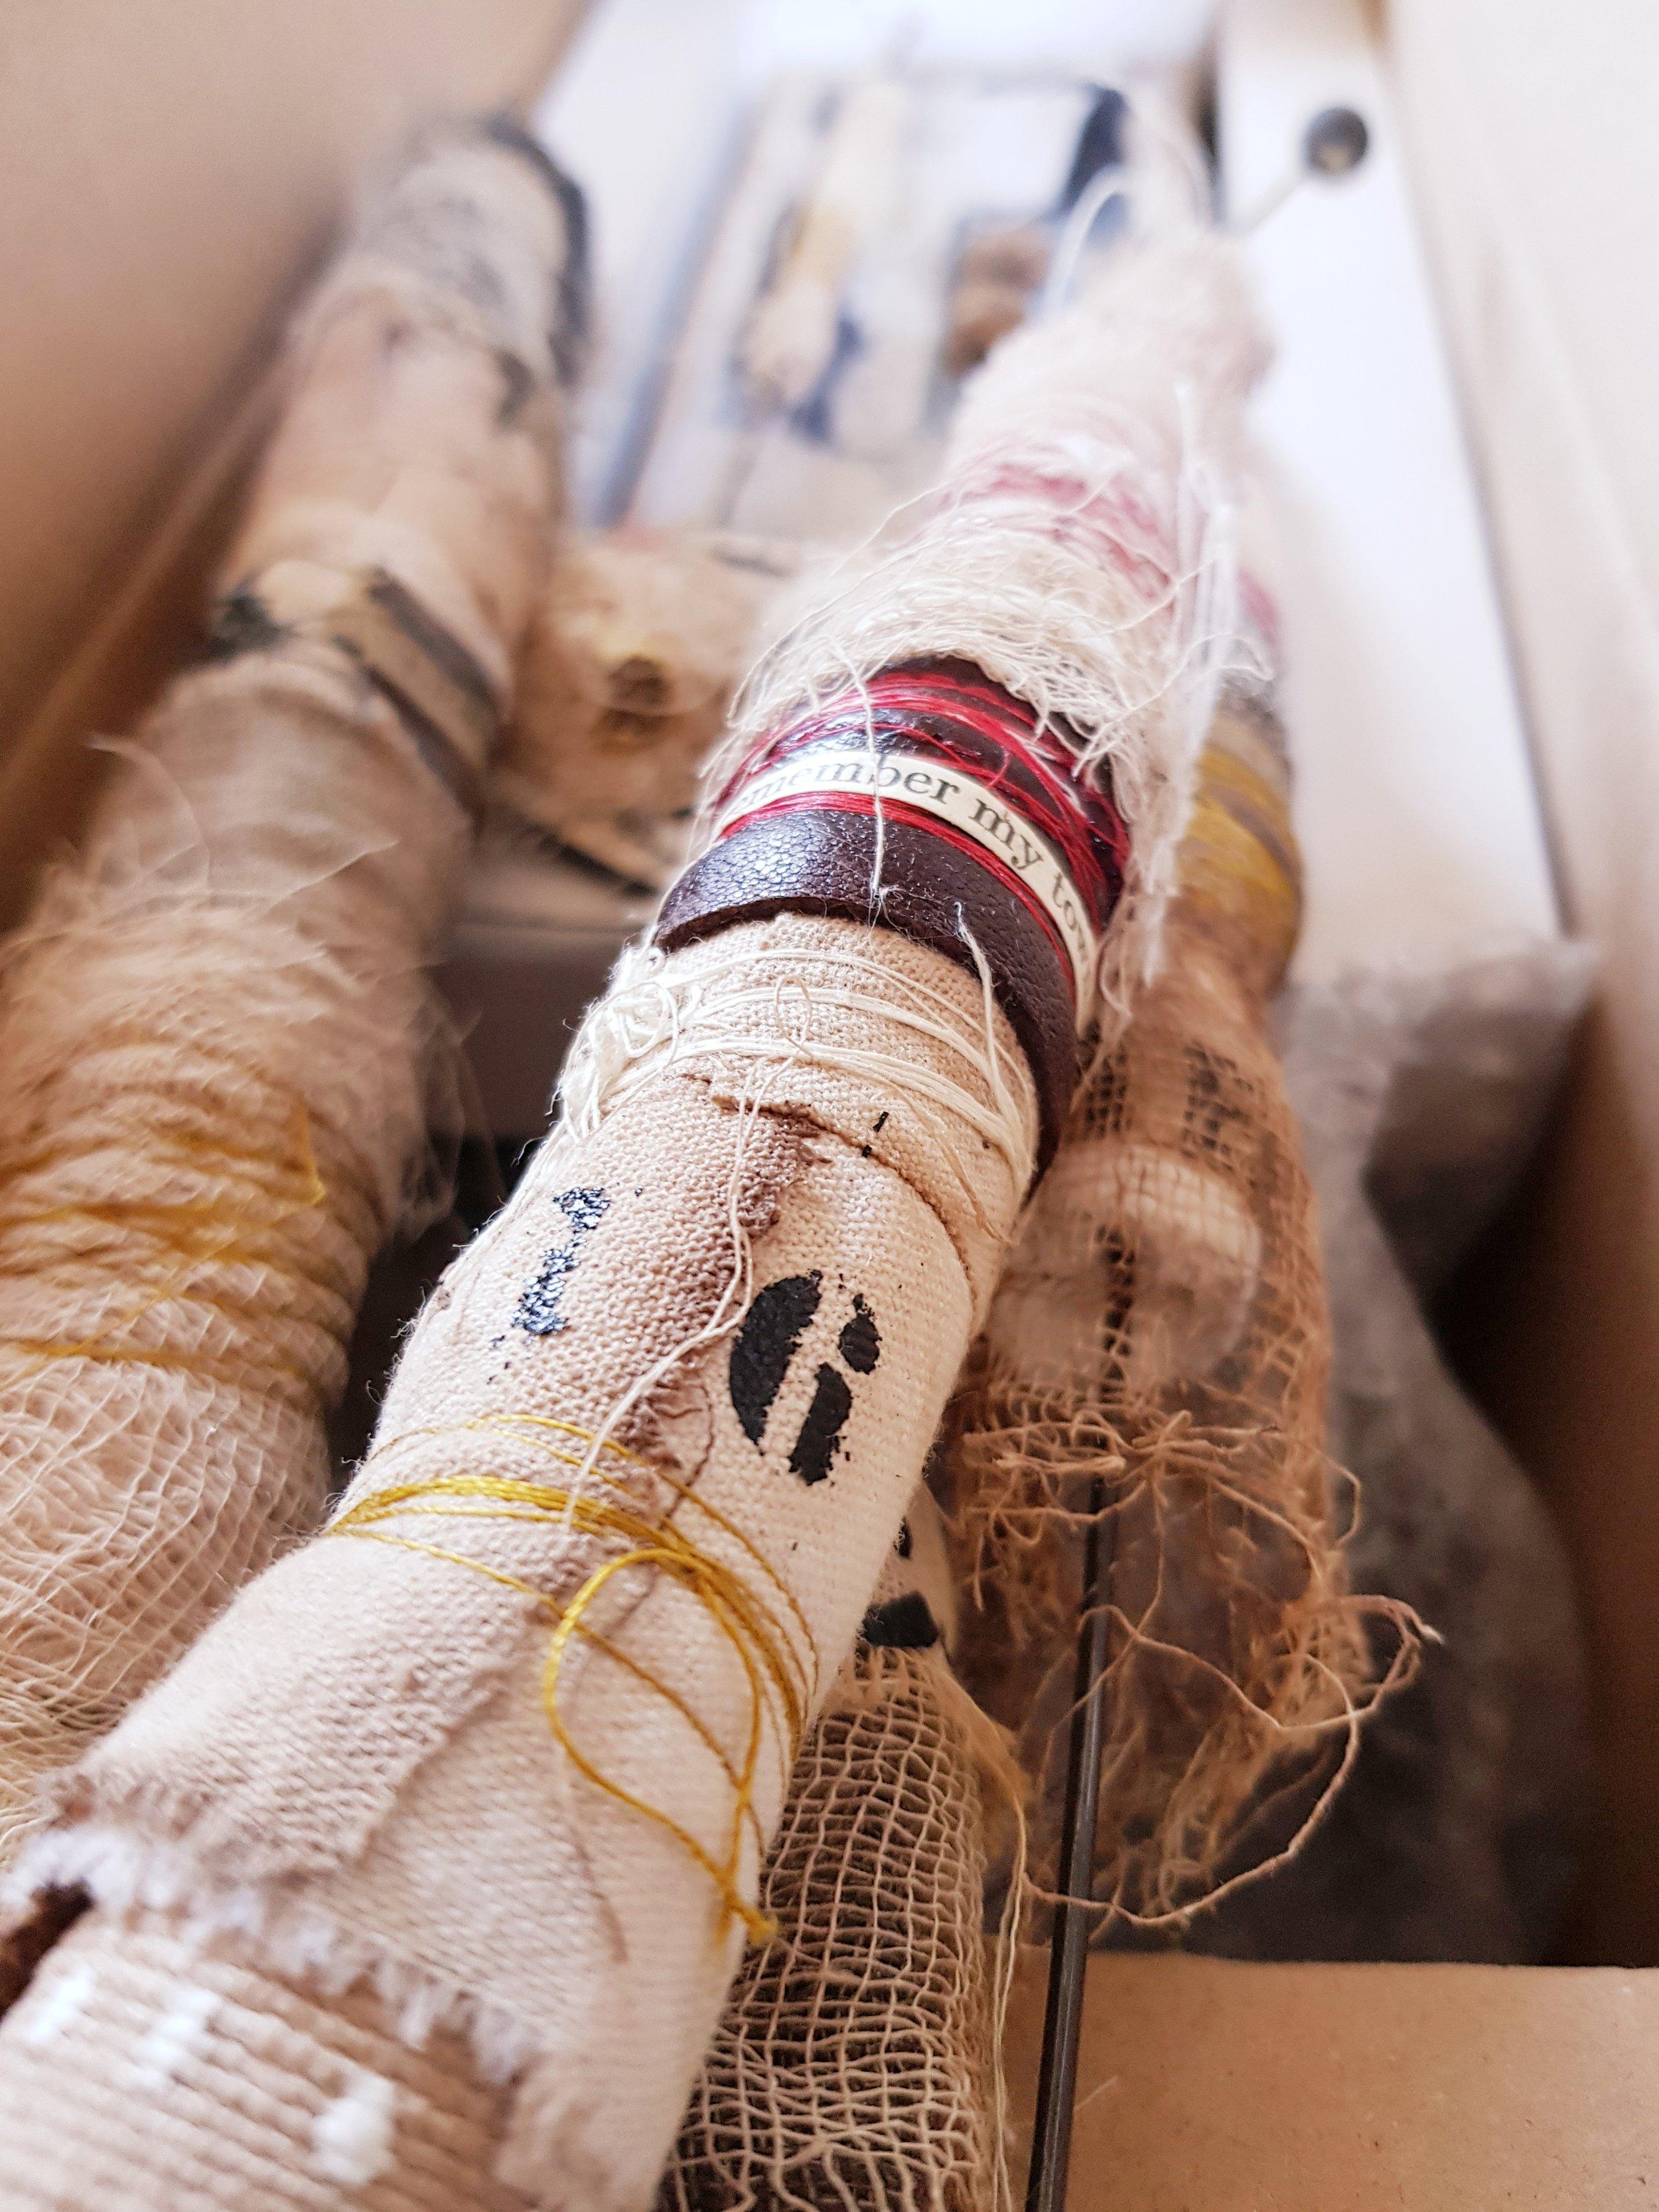 Les bobines - Enrouler, entourer, entortiller, enlacer, attacher, emmêler, nouer, dénouer.Des bobines évoquant tour à tour des objets rituels, des grigris, des bâtons de parole ou des rouleaux de mémoire.Des objets agréables au toucher, qu'on a envie de s'approprier et de collectionner.